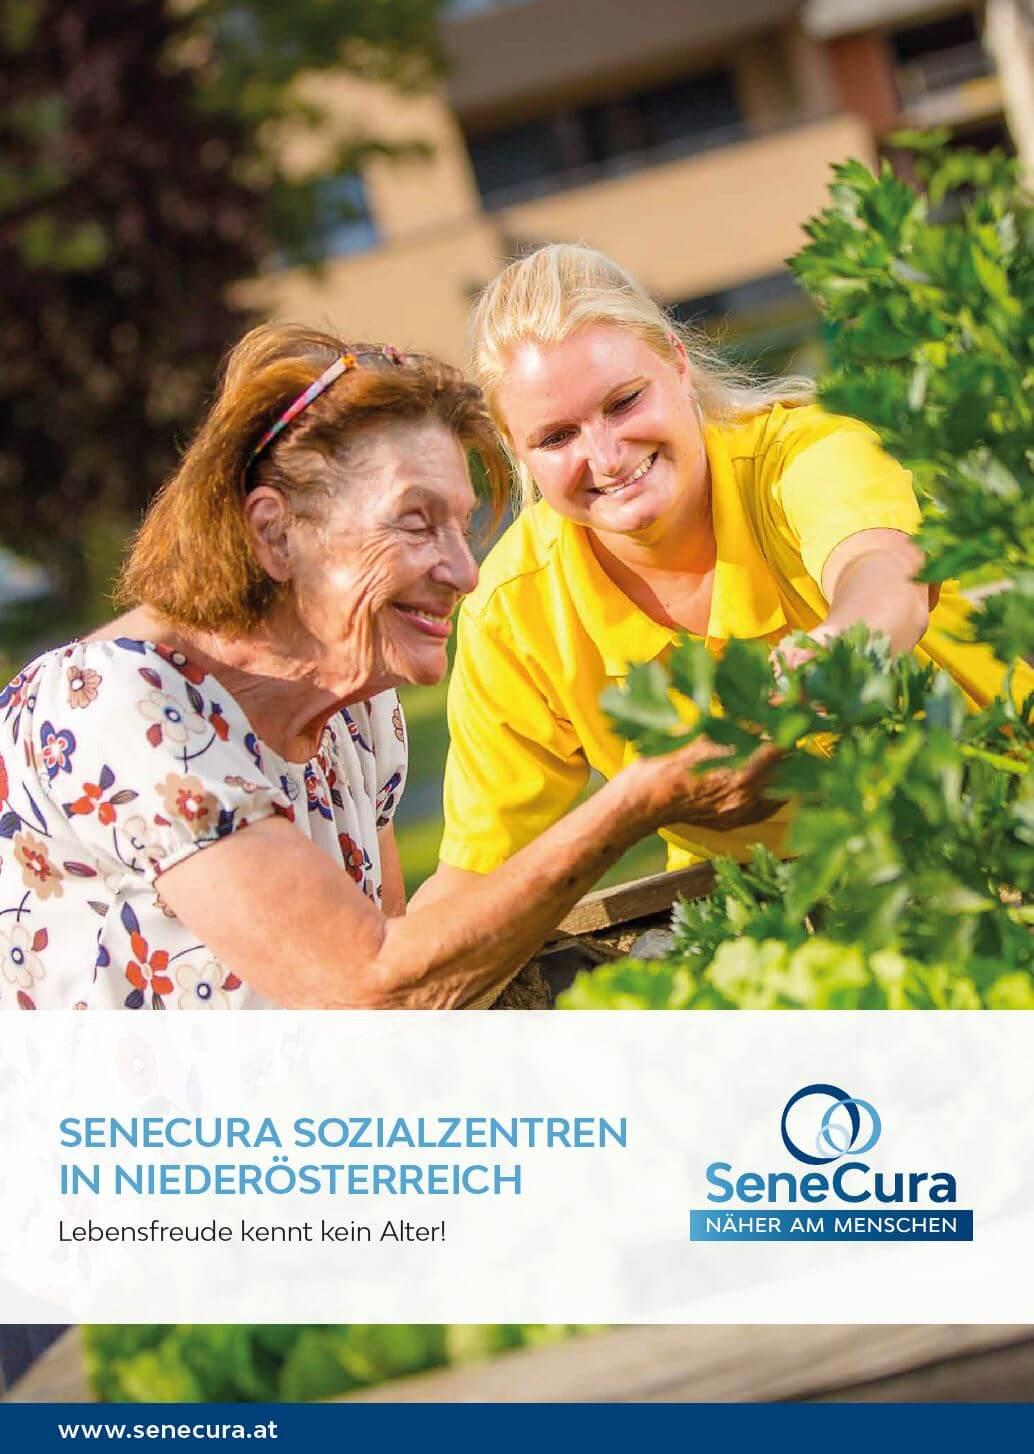 https://www.senecura.at/wp-content/uploads/2019/05/SeneCura_Regionenfolder_Niederösterreich.jpeg